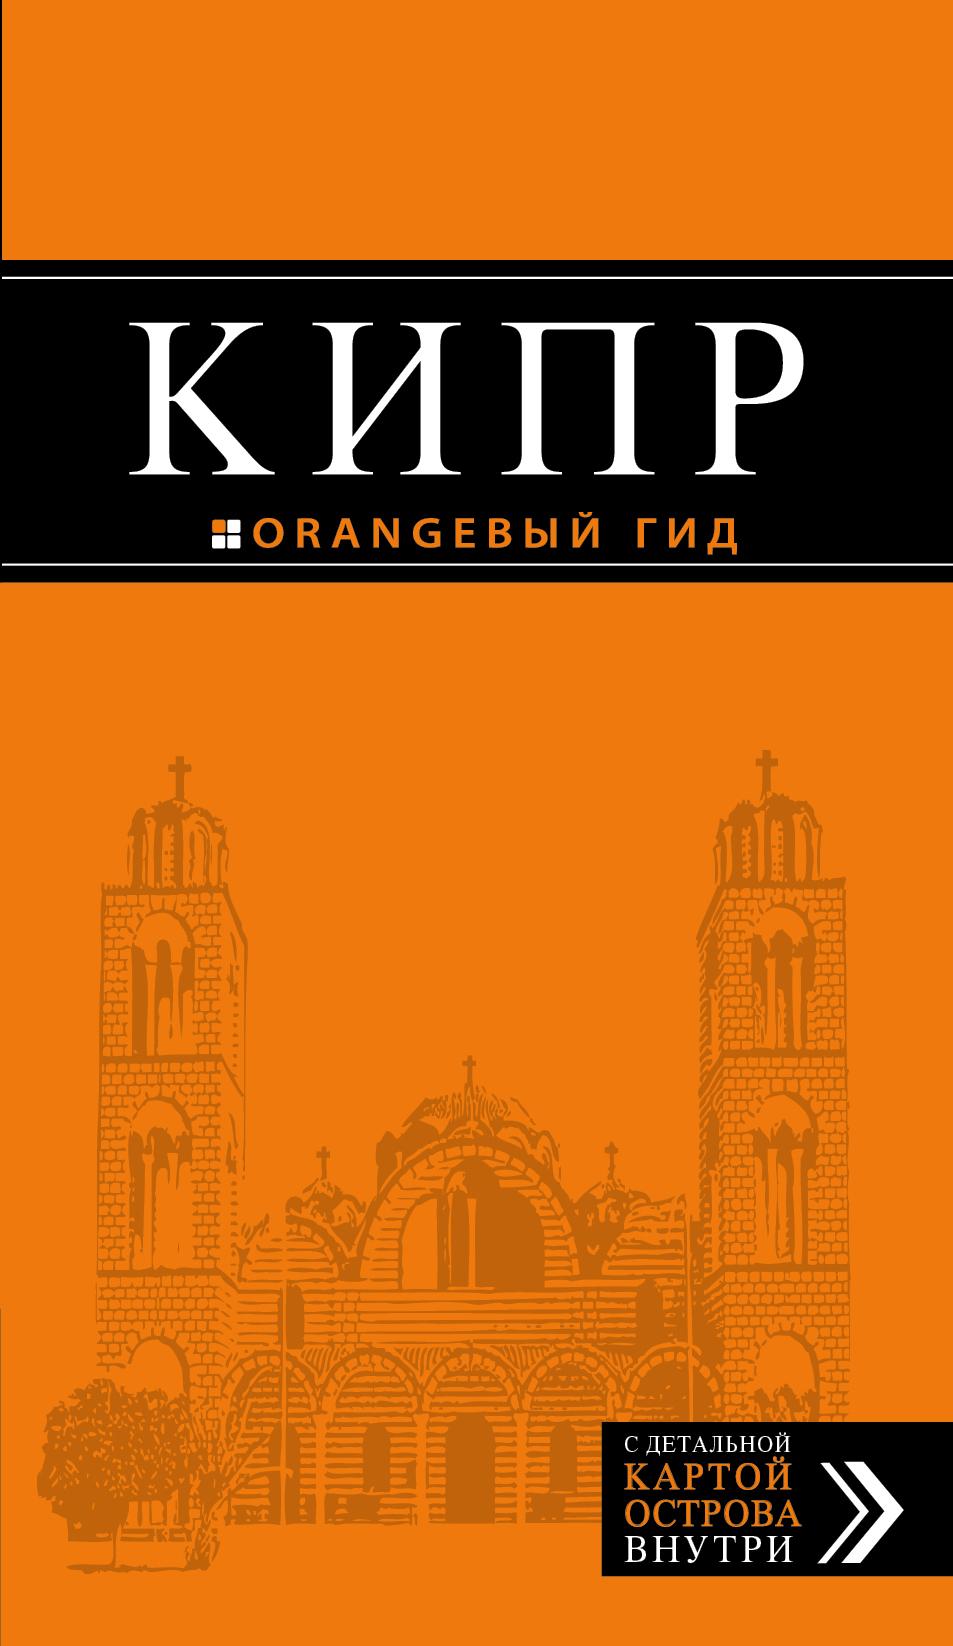 Александрова Алена Кипр: путеводитель. 5-е изд., испр. и доп.